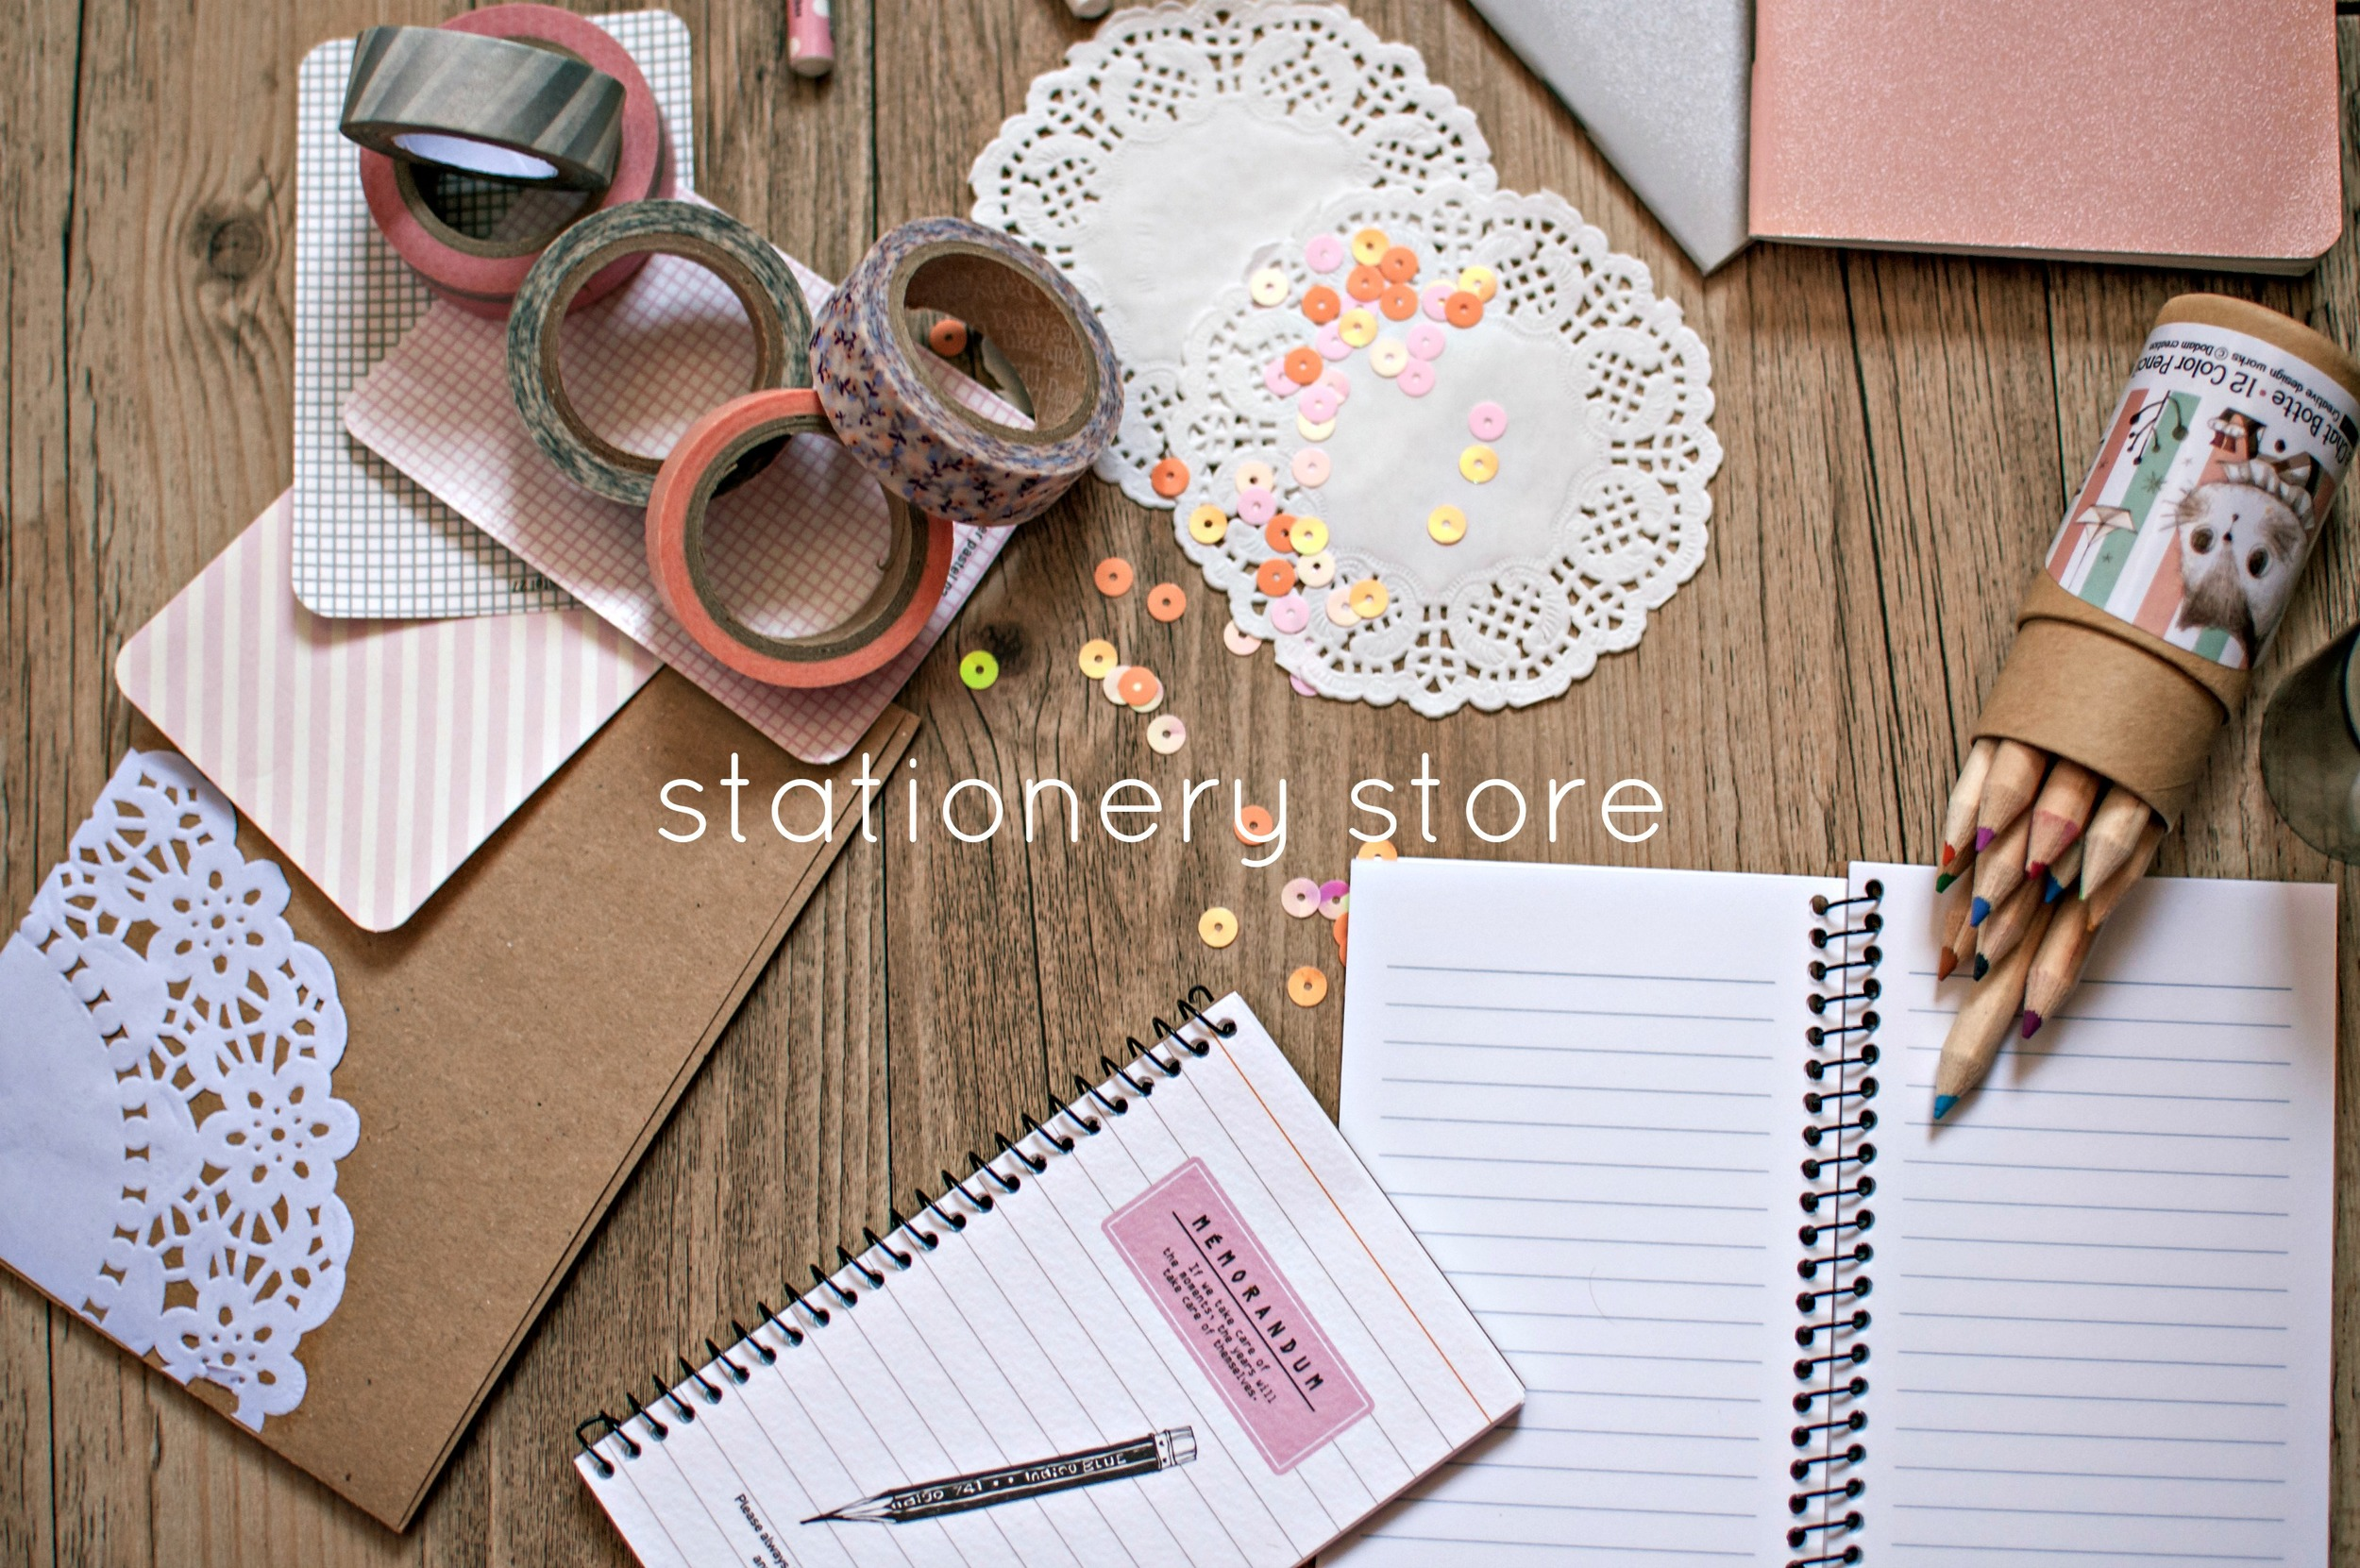 CGSStationeryStore